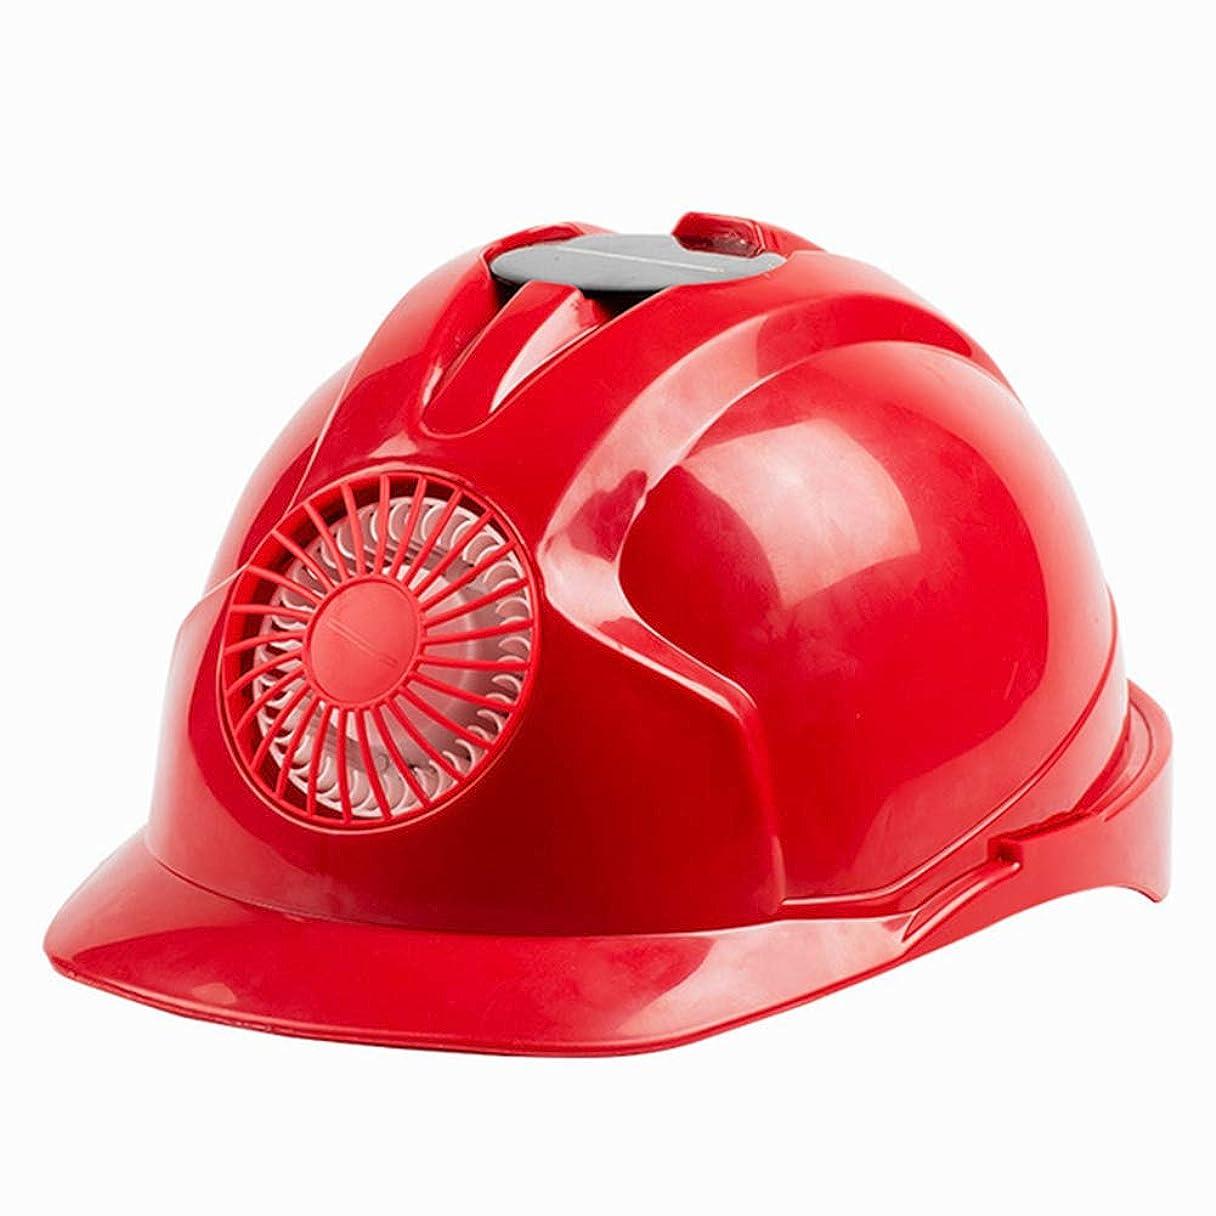 スロー交響曲簡潔なソーラーエアファンは帽子ヘルメット、USB充電式サンハットユニセックスキャップファン屋外キャップヘルメット(5個)冷却しました,赤,One size